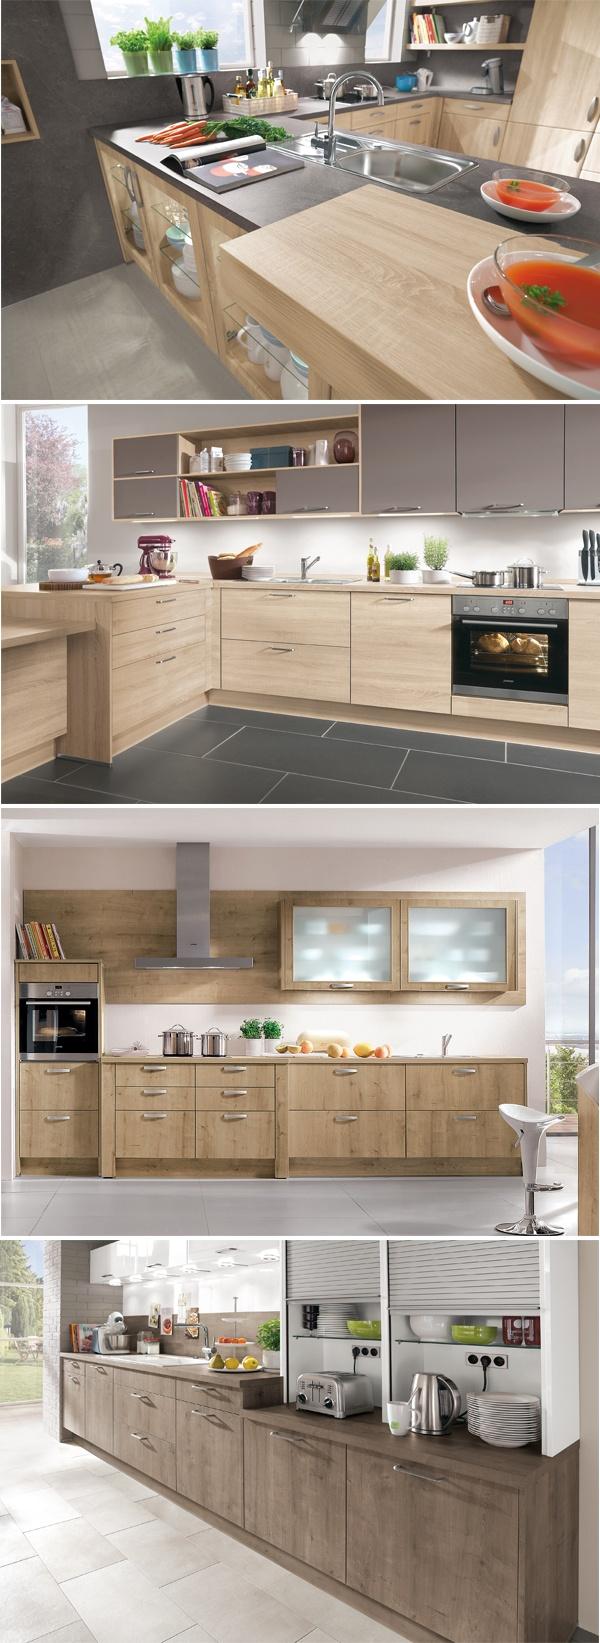 Les 46 meilleures images du tableau tendance outside in sur pinterest cuisines tendance et bois - Virgine fait sa cuisine ...